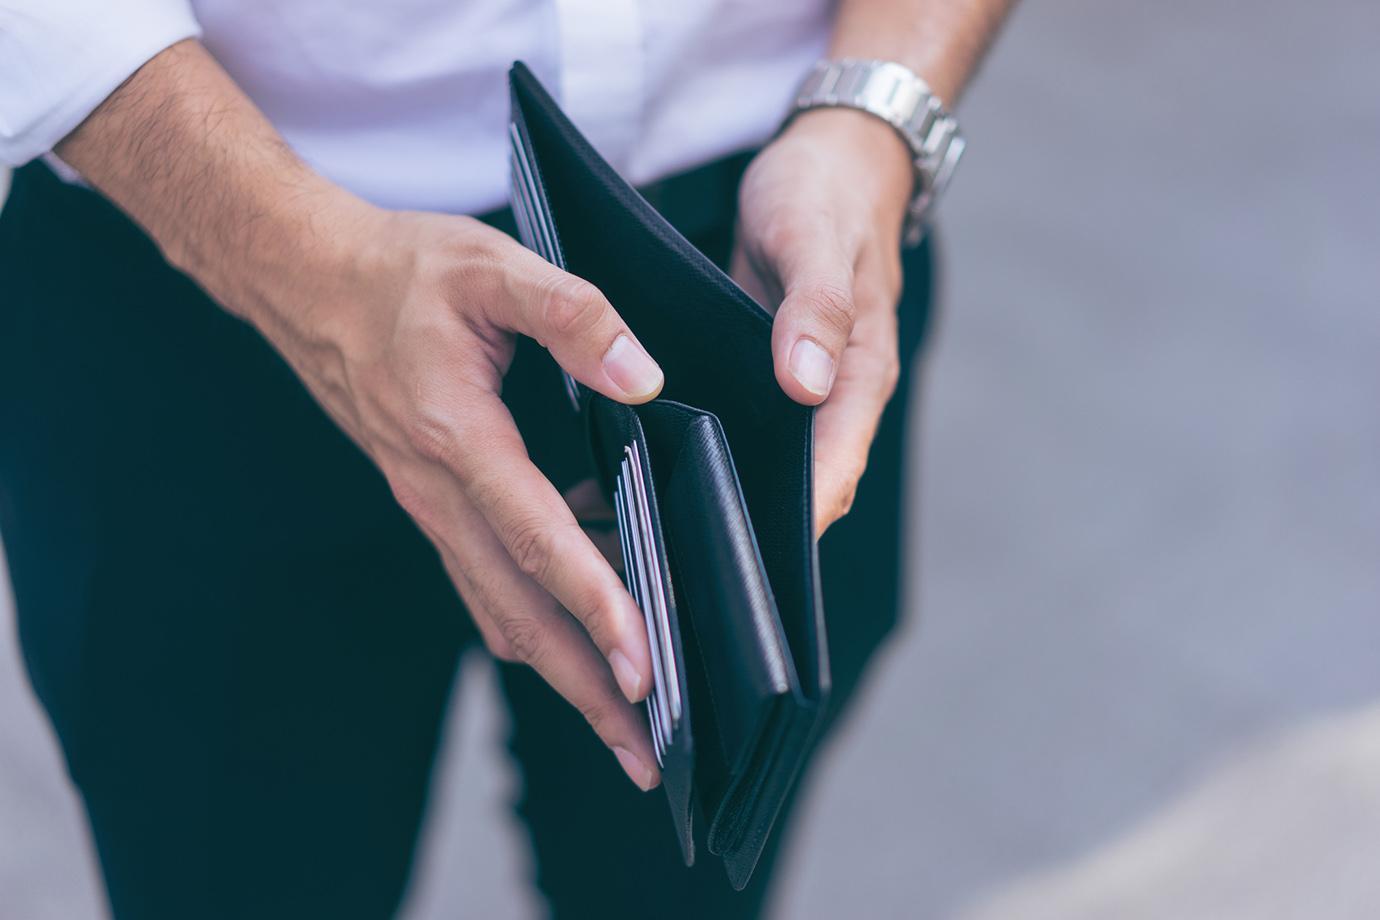 herdeiro-nao-possui-dinheiro